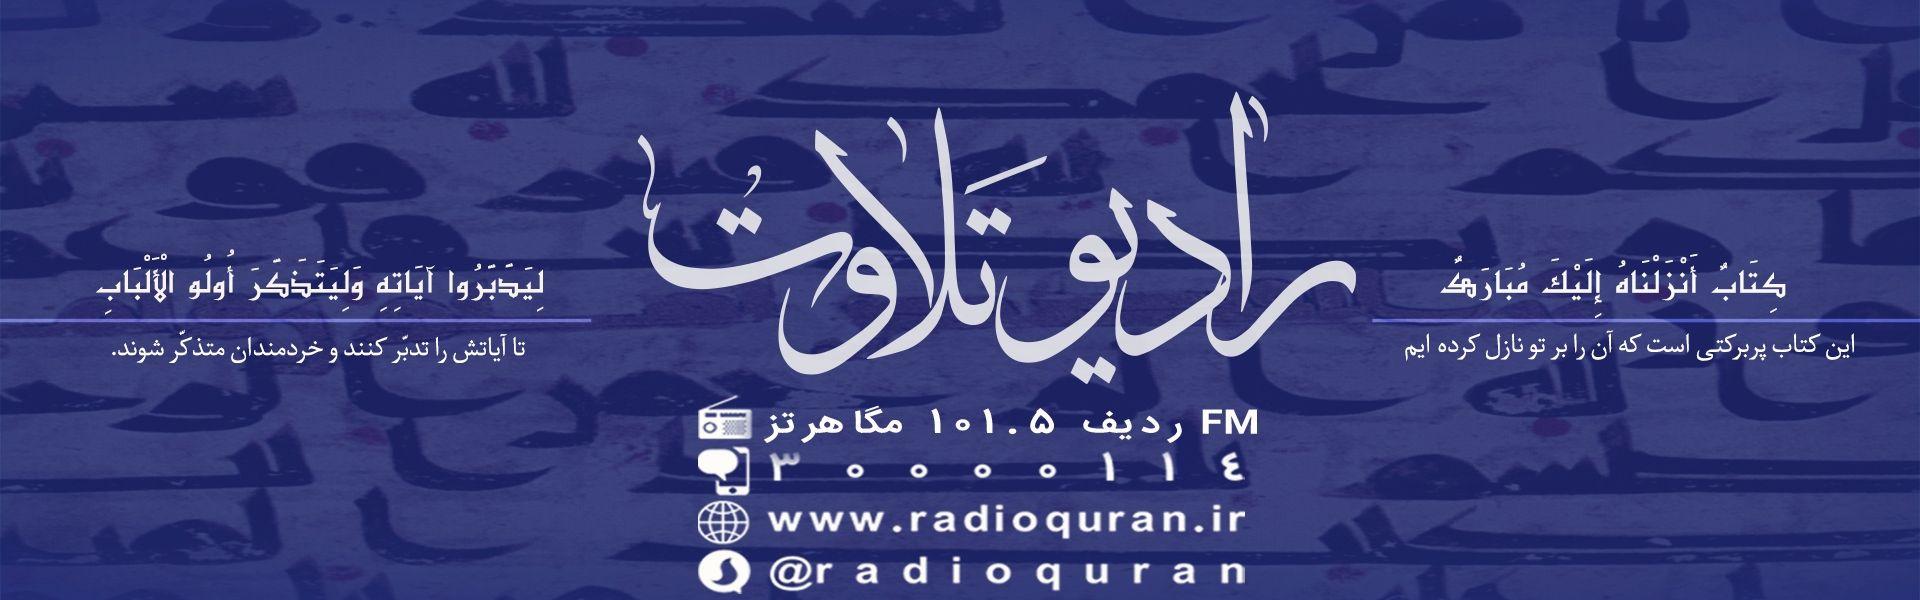 رادیو تلاوت